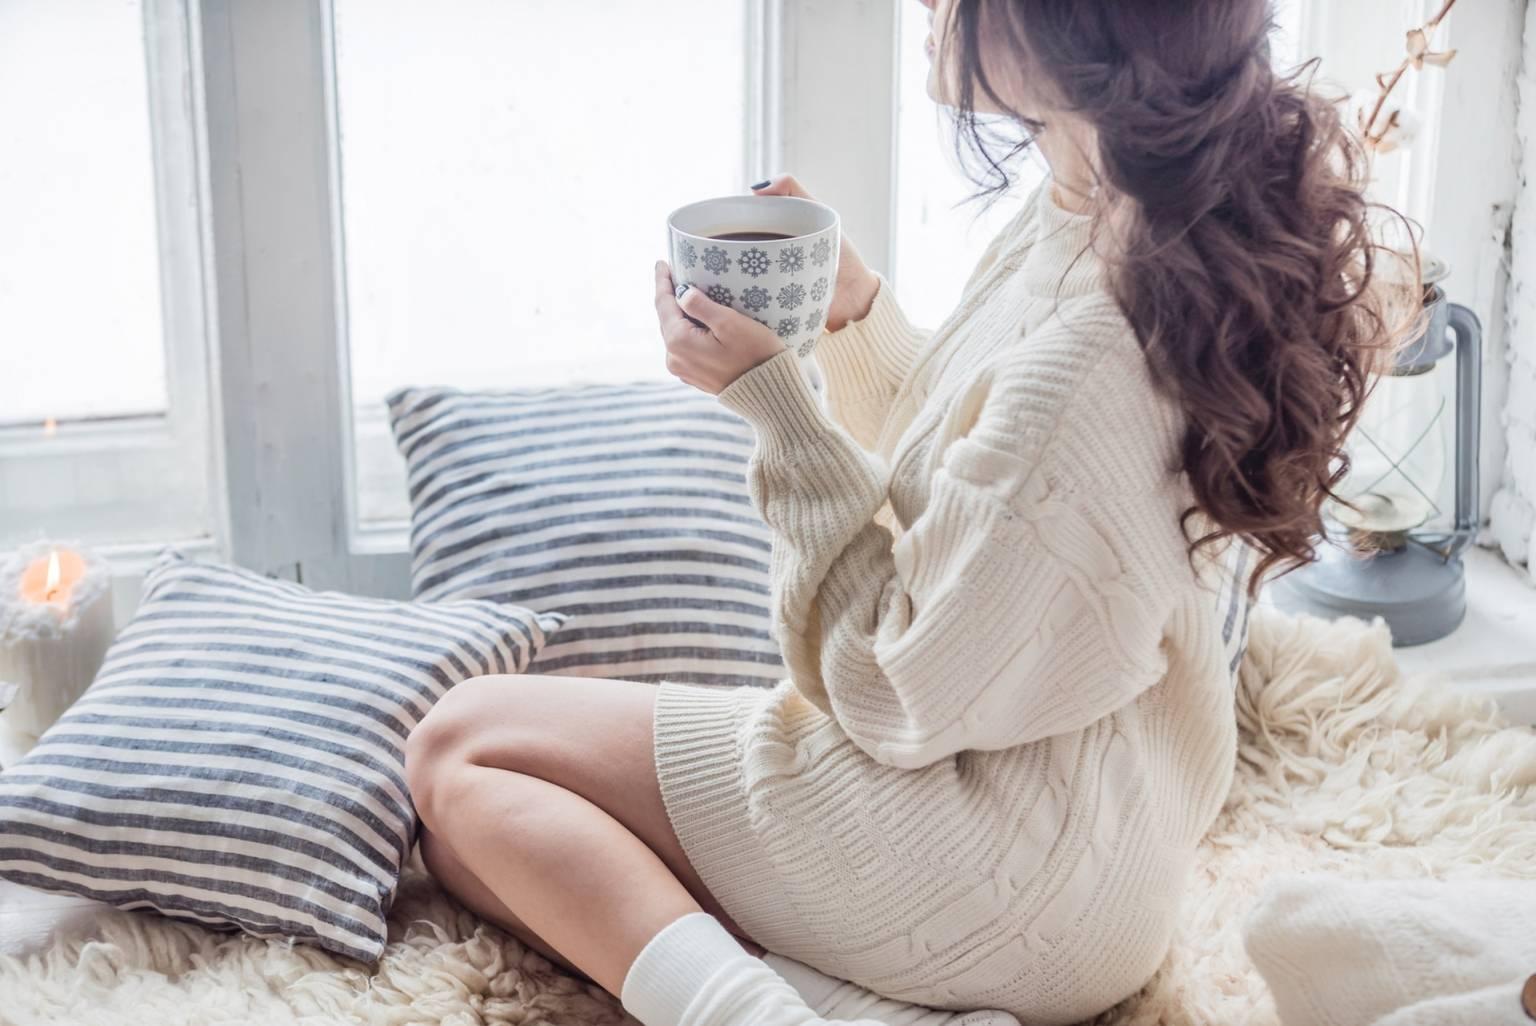 Najlepsze sposoby na przeziębienie. Kobieta ubrana w gruby jasny sweter siedzi na kocu zwrócona przodem do okna i wygląda przez nie. W ręku trzyma kubek herbaty. Sceneria zimowa.